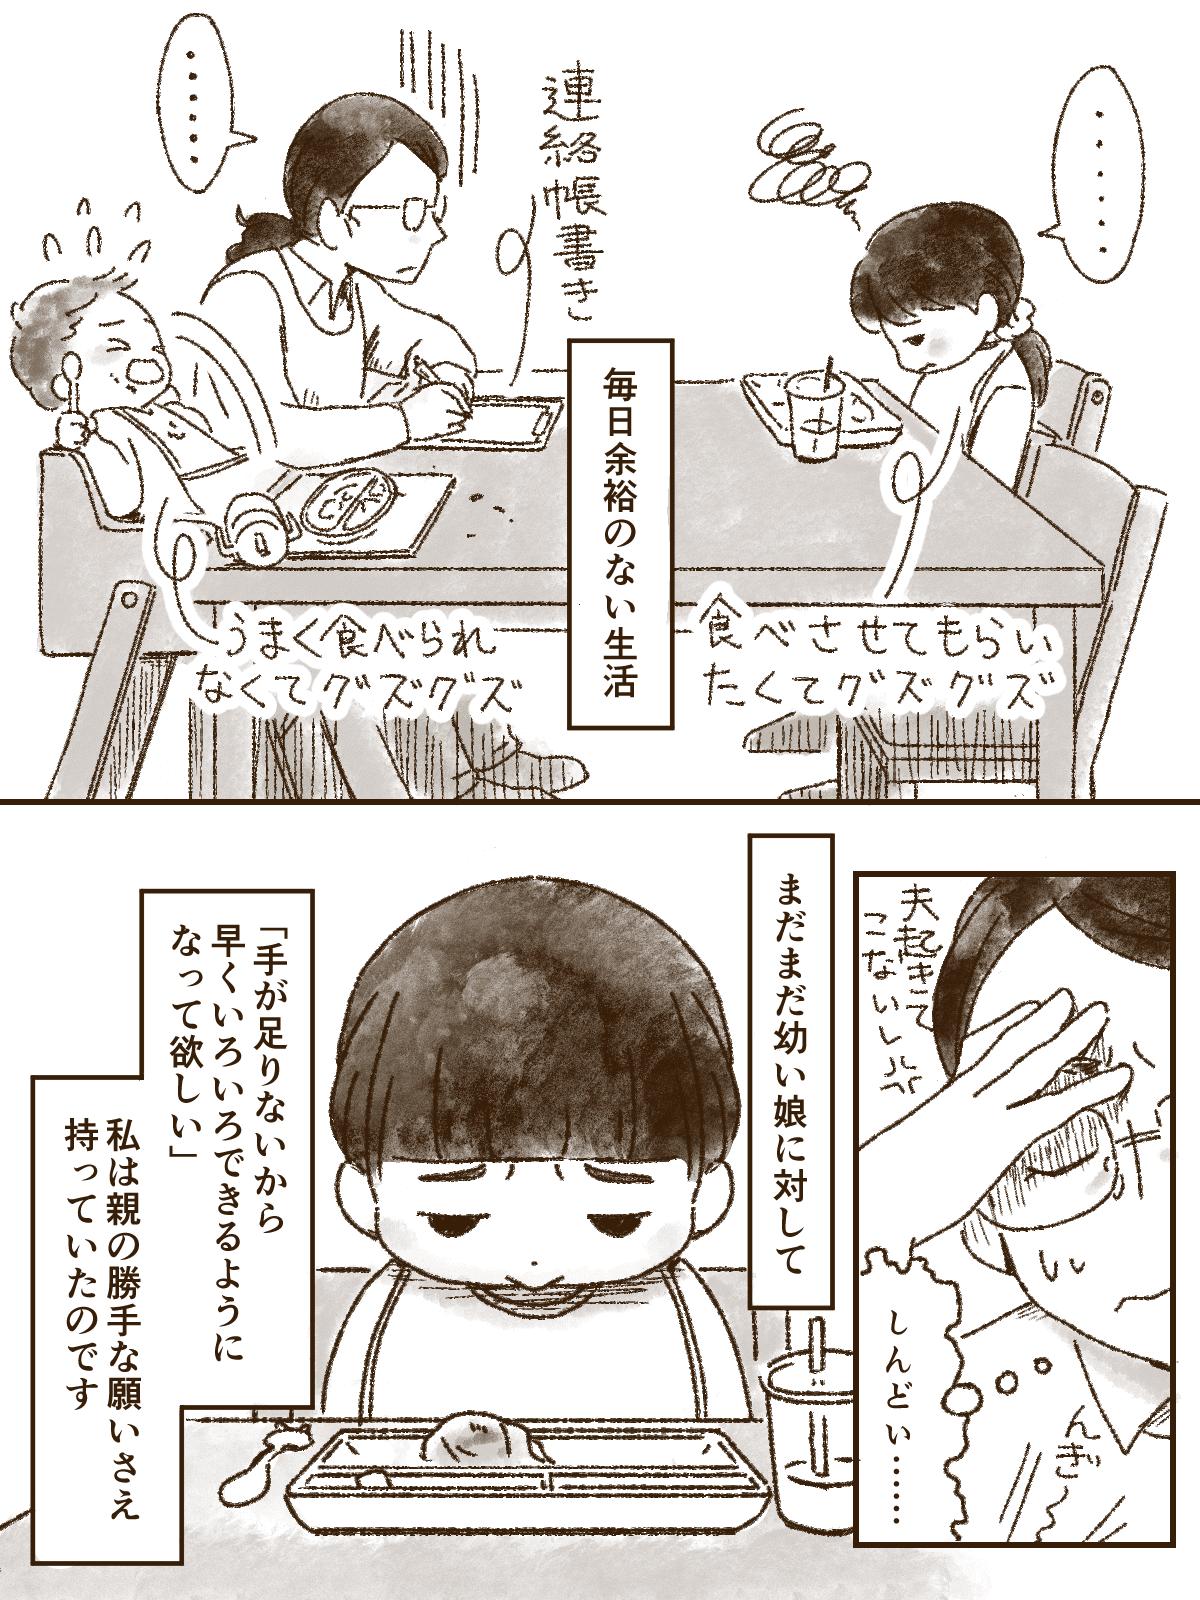 小さな子供とパン屋に行くということ_001